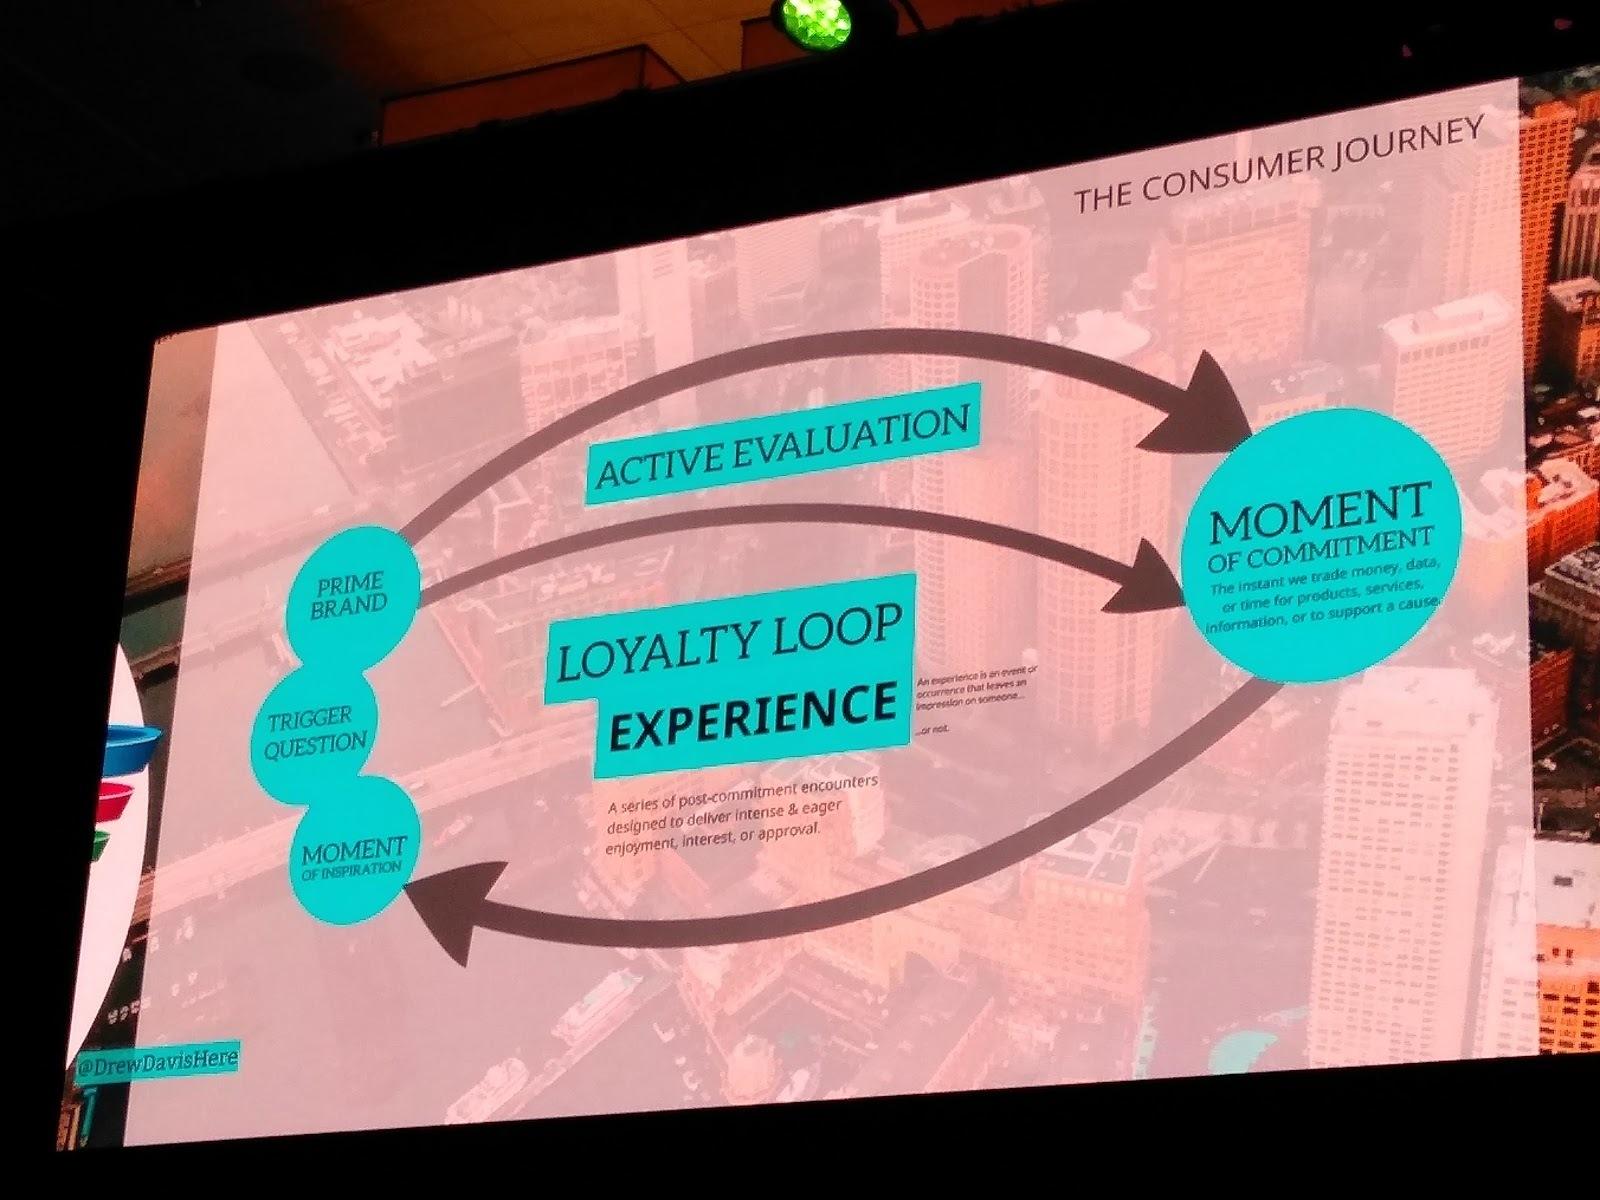 Loyalty loop experience